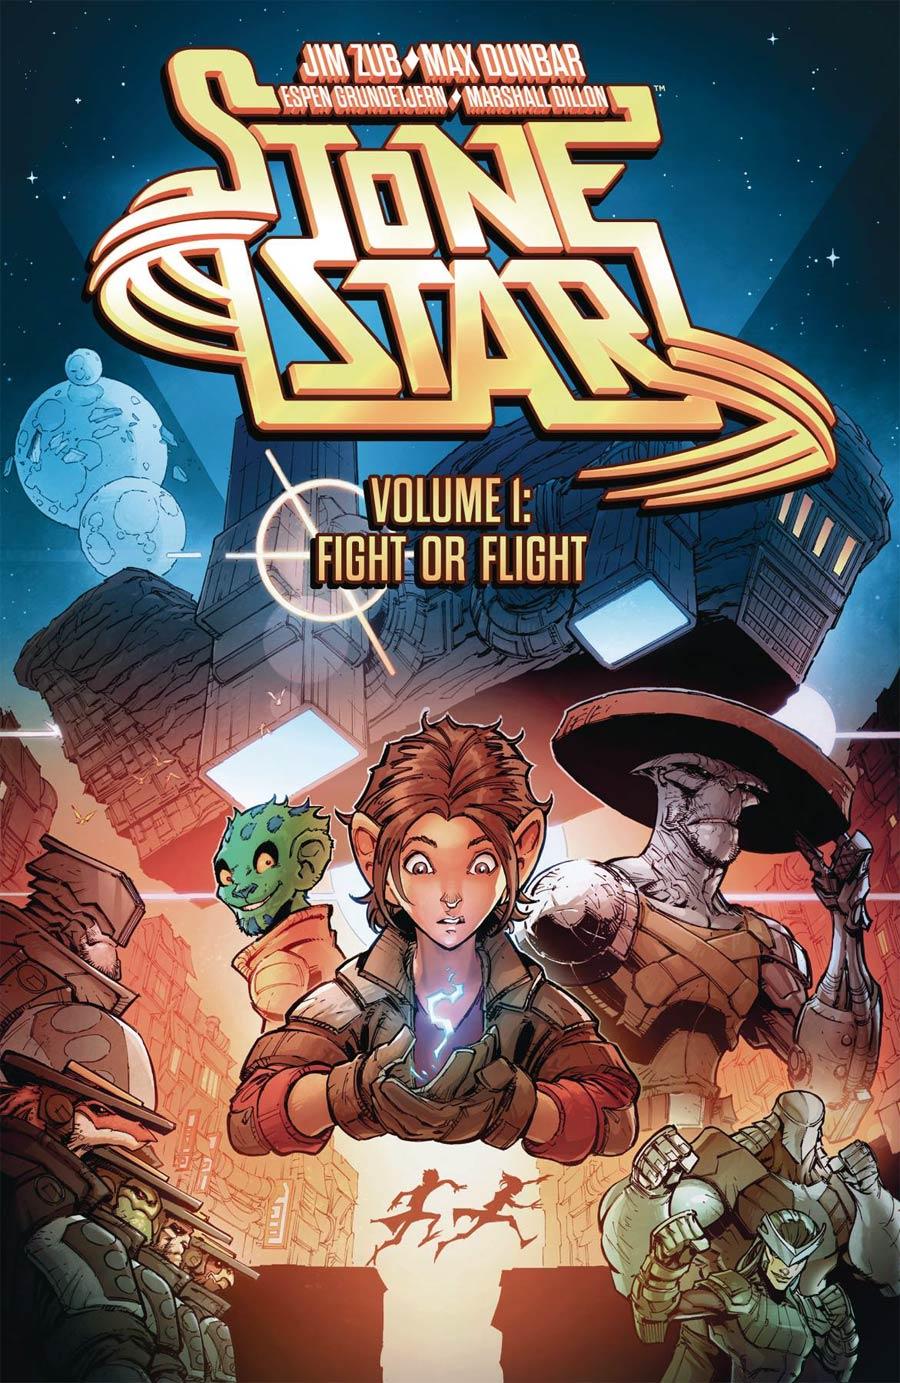 Stone Star Vol 1 Fight Or Flight TP